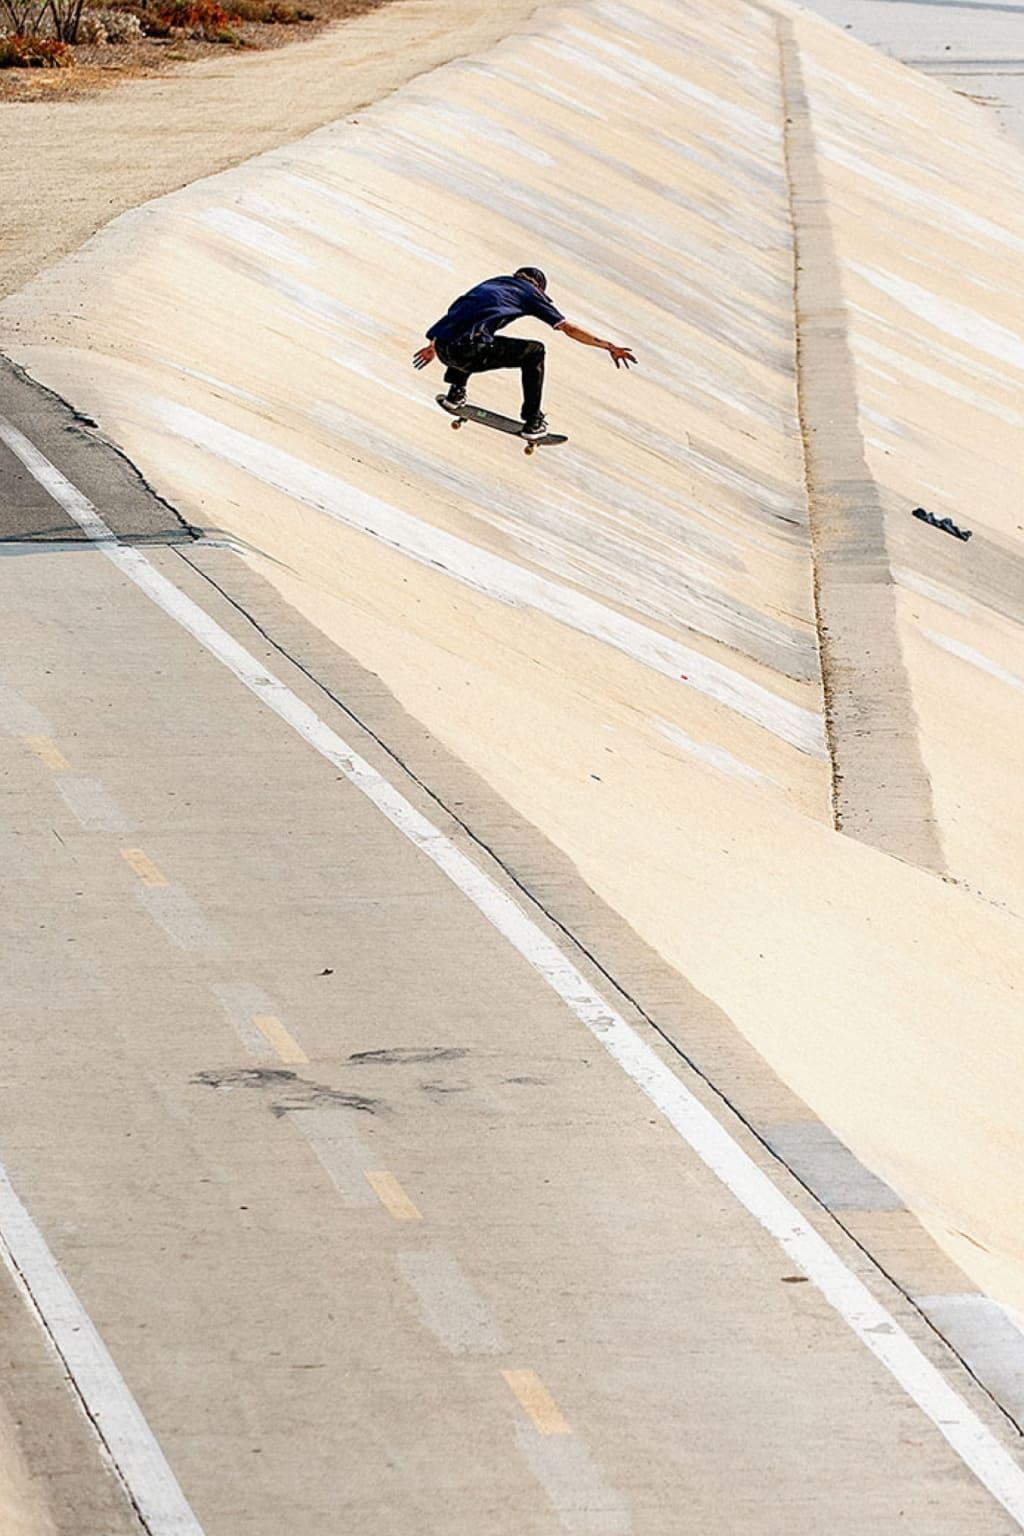 Shop Real Skateboards